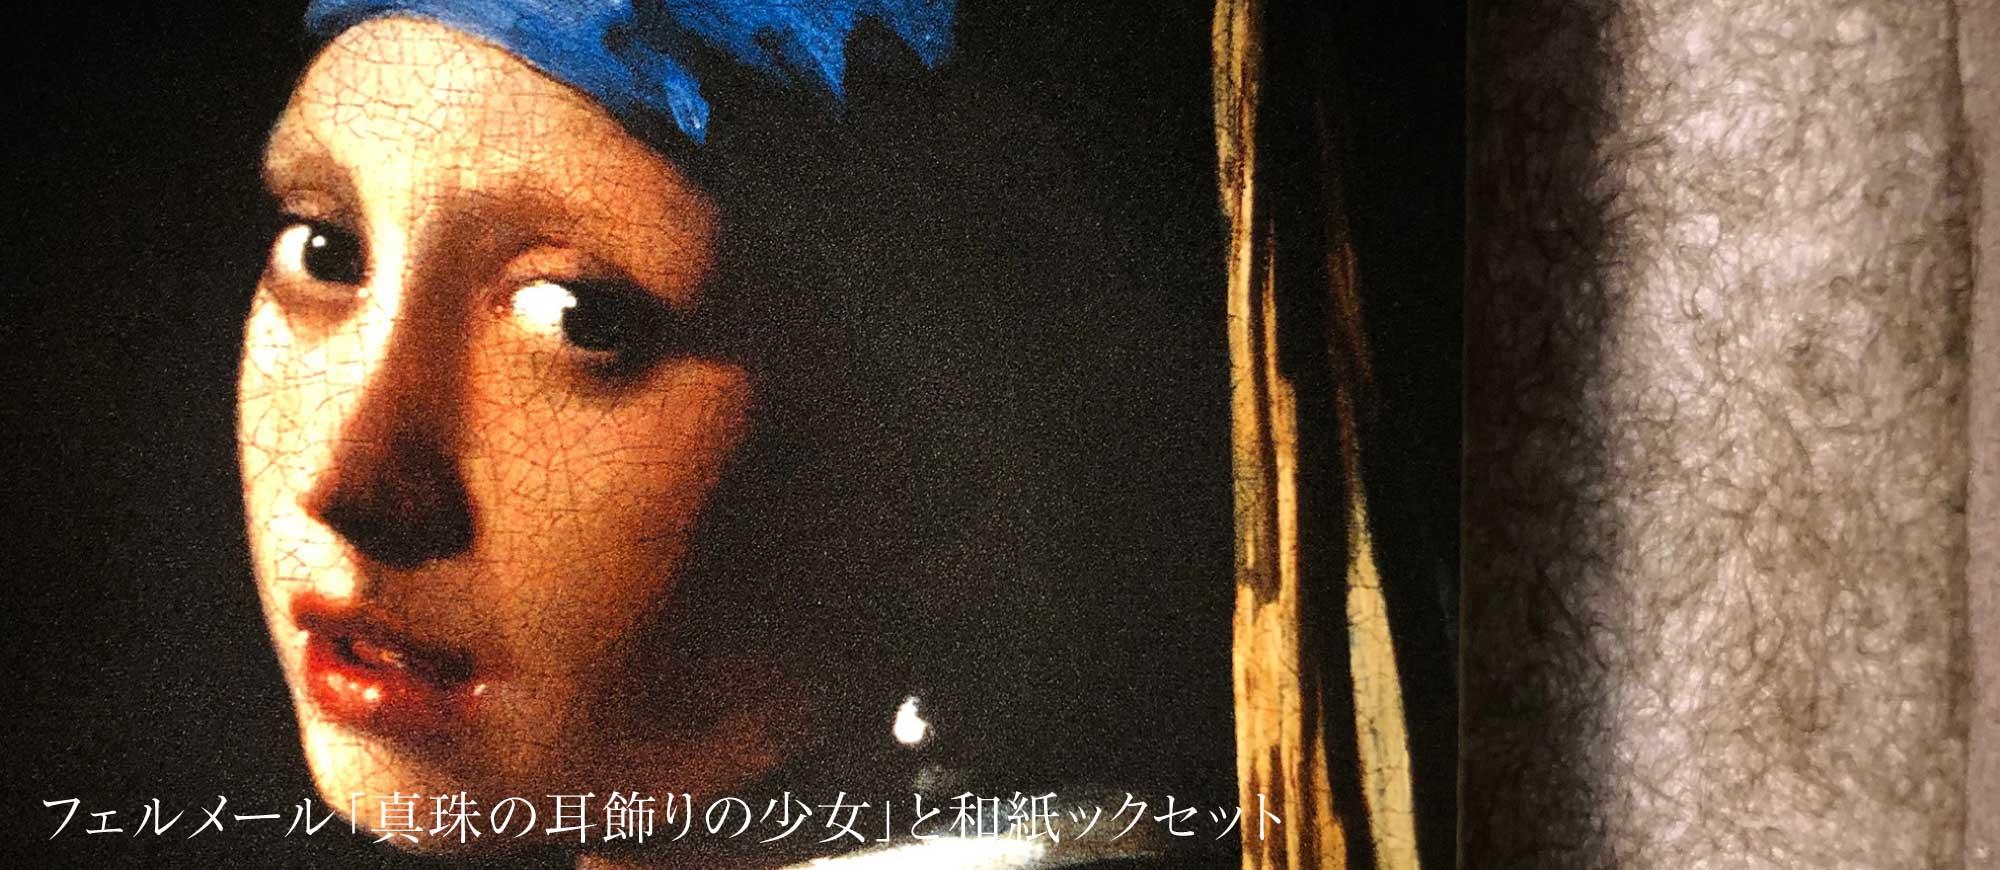 フェルメール・真珠の耳飾りの少女と和紙ックフォトフレーム